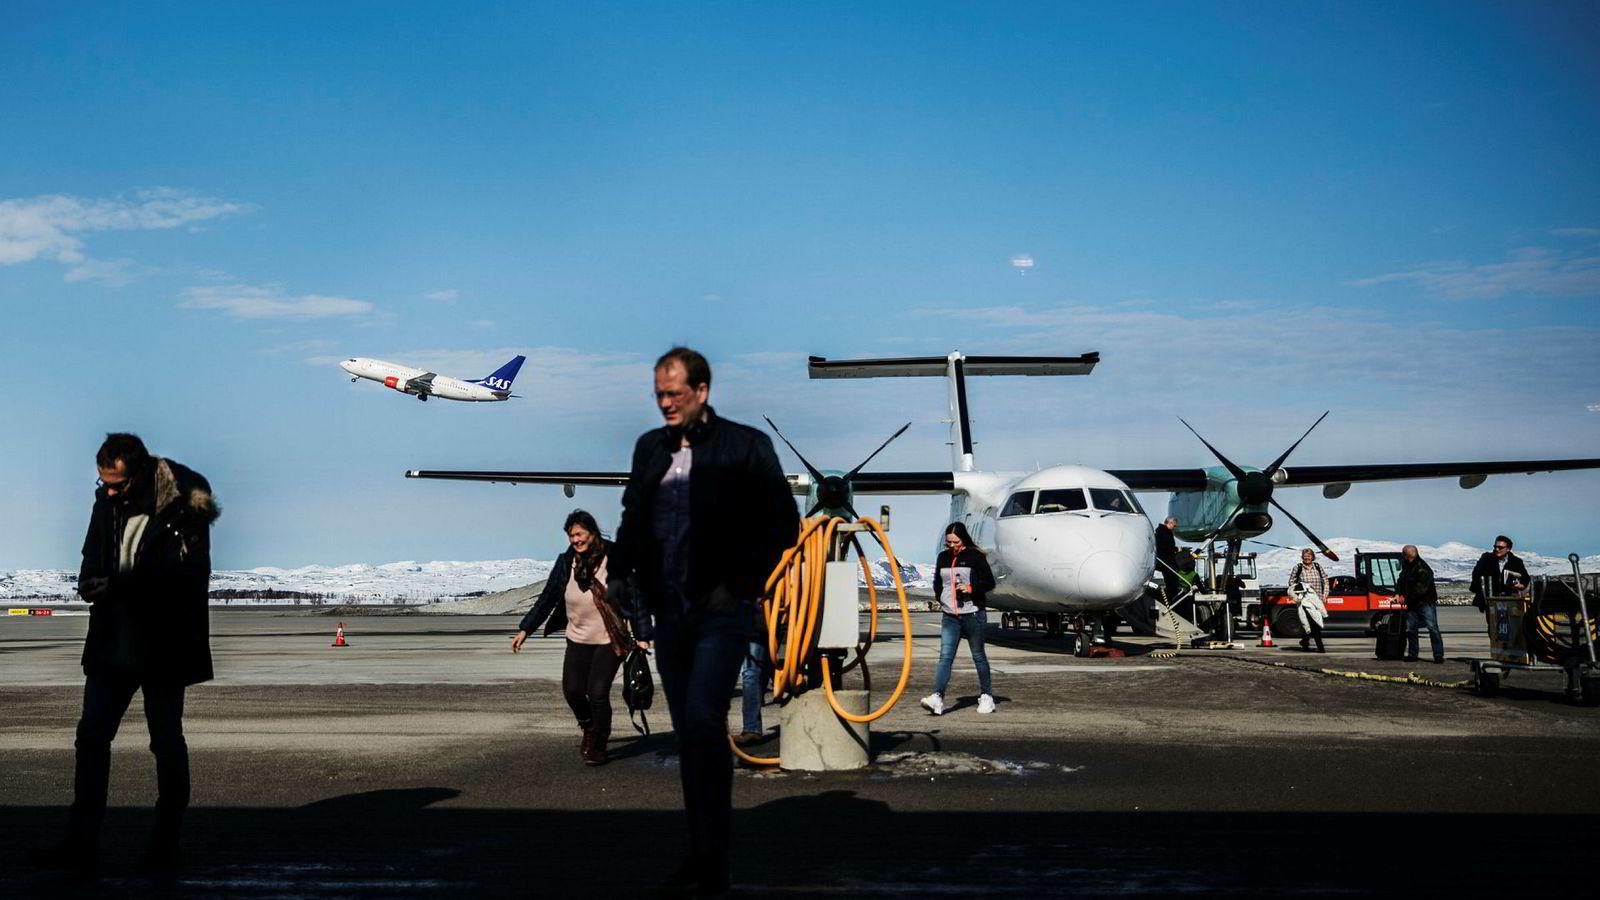 Fordelsprogrammer hos flyselskapene har flere millioner nordmenn som medlemmer og det er skattepliktig om bonuspoeng opptjent på jobbreise brukes privat. Fra nyttår skal jobben samle inn poengbruken.